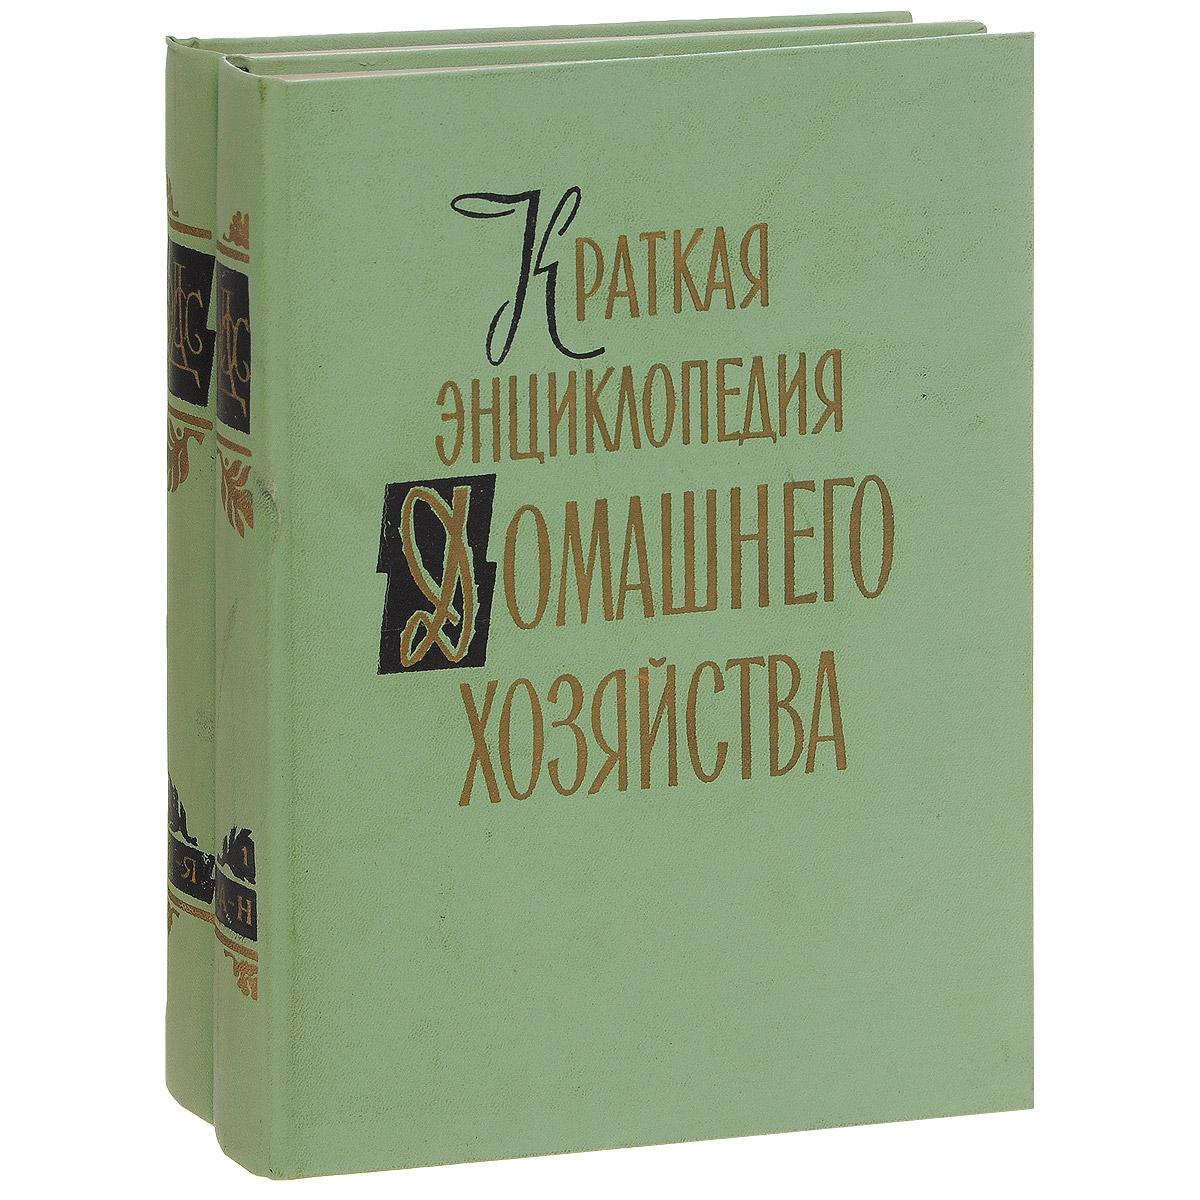 Краткая энциклопедия домашнего хозяйства (комплект из 2 книг) энциклопедия домашнего хозяйства комплект из 2 книг